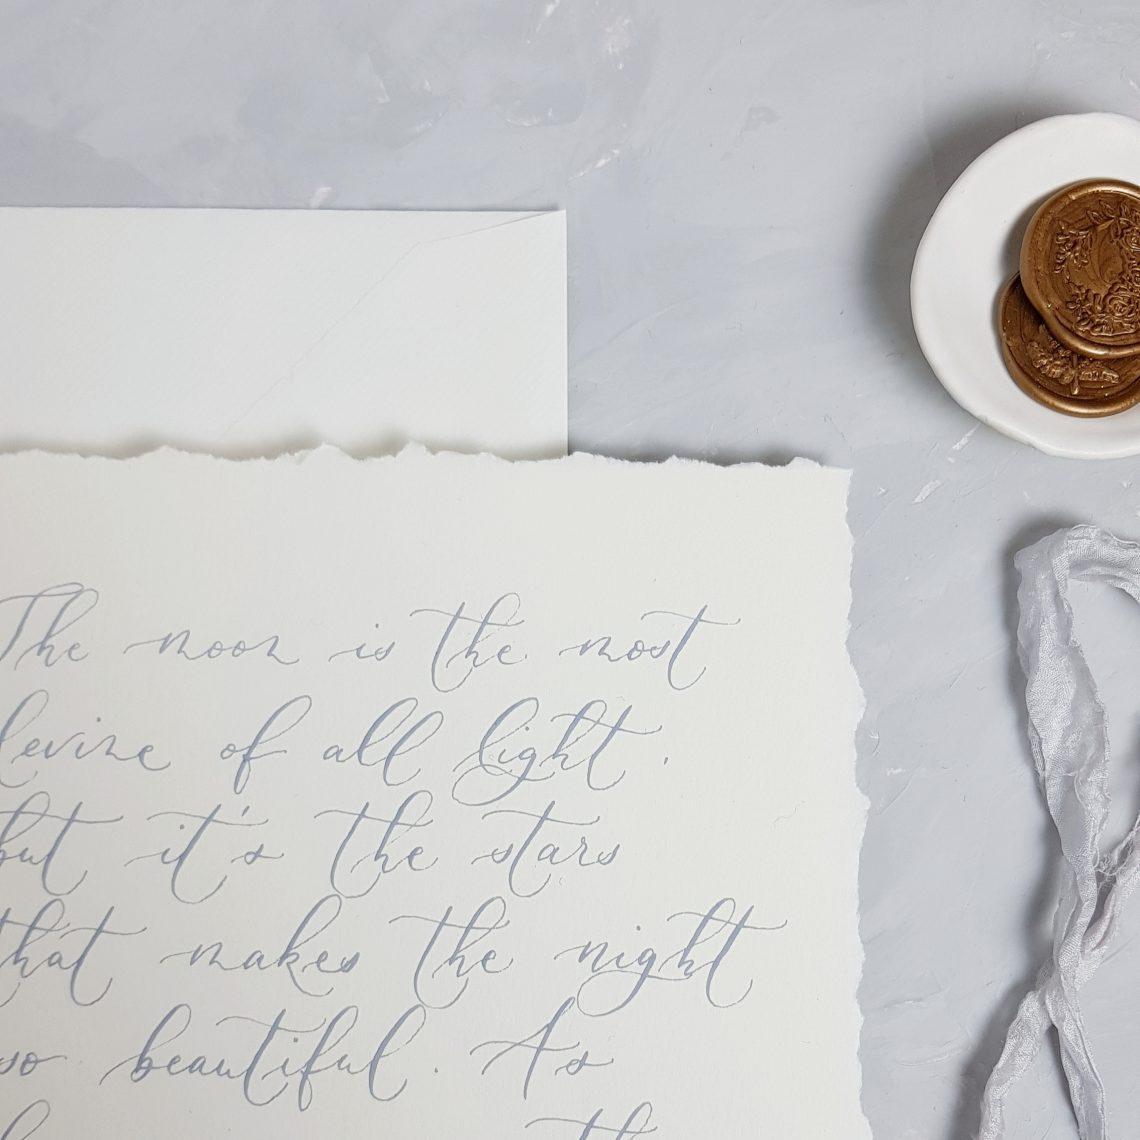 Kalligraphie auf Papier mit gerissenen Kanten